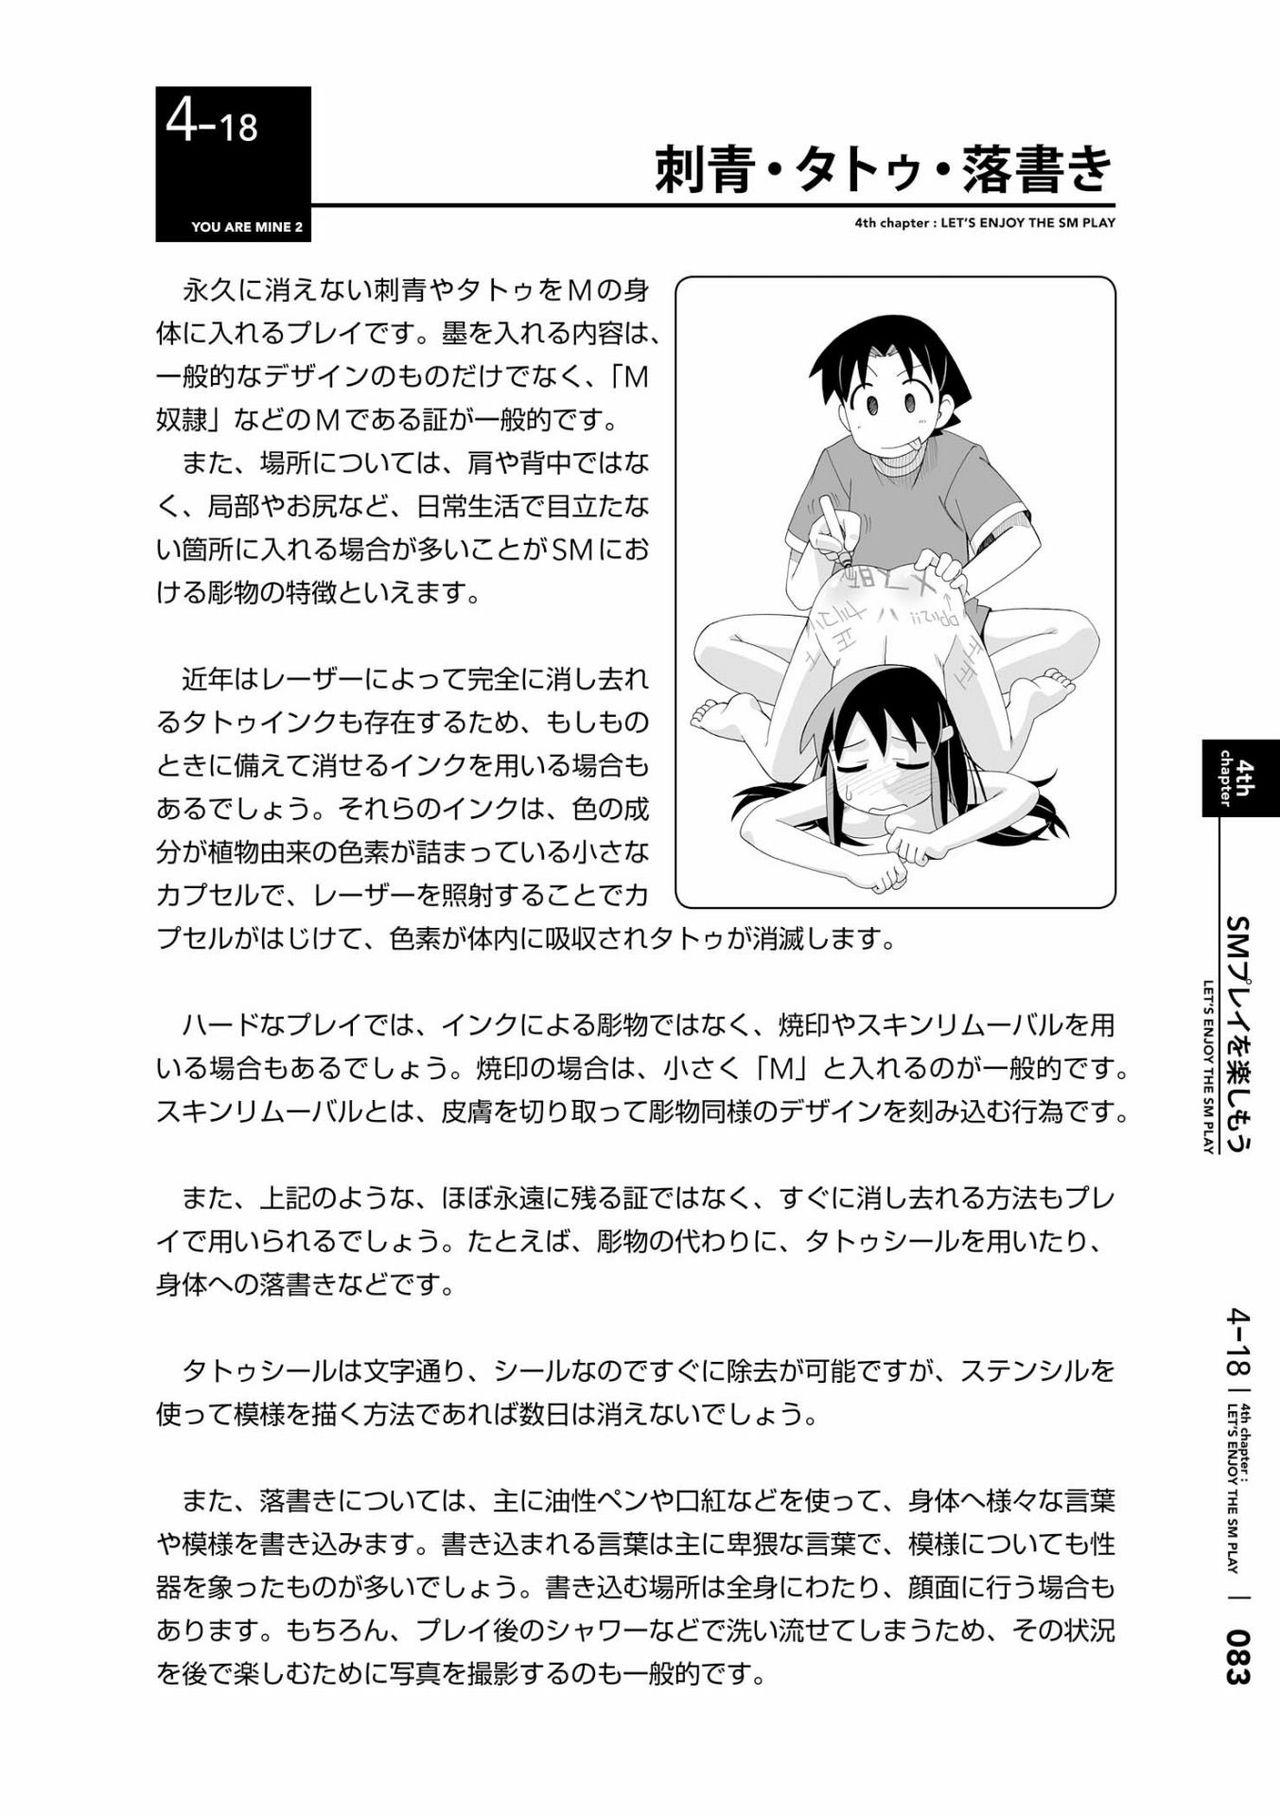 [Mitsuba] Karada mo Kokoro mo Boku no Mono ~Hajimete no SM Guide~ 2 [Digital] 85